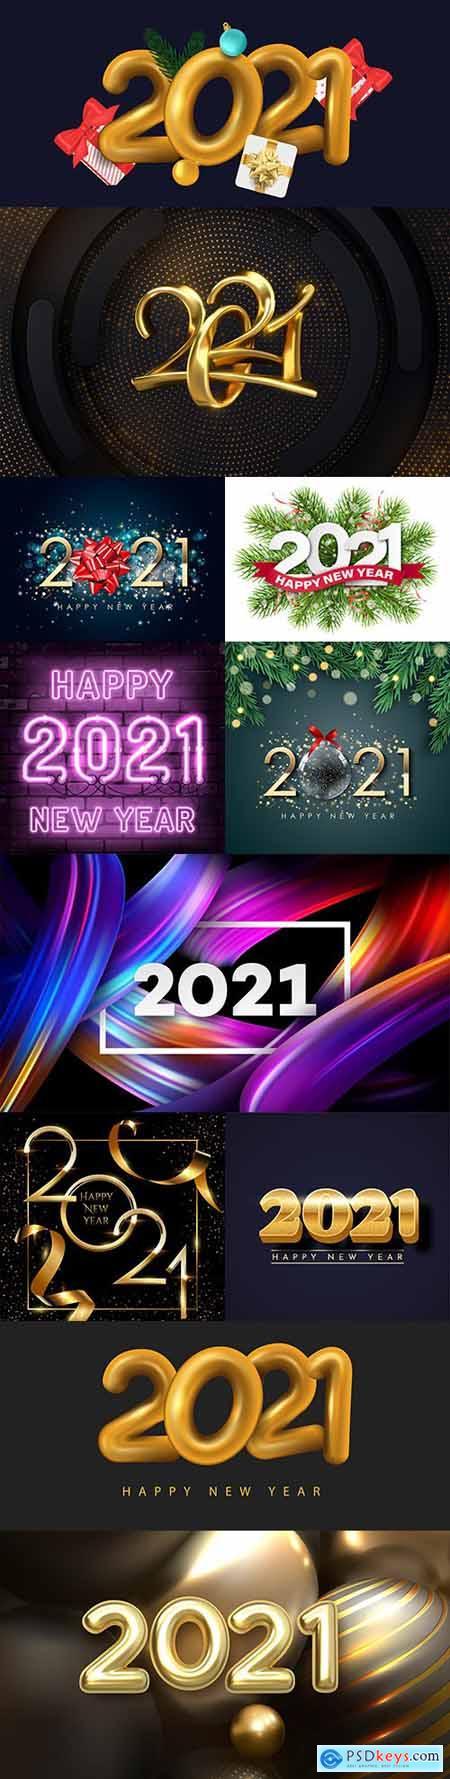 Happy New Year 2021 decorative design inscription